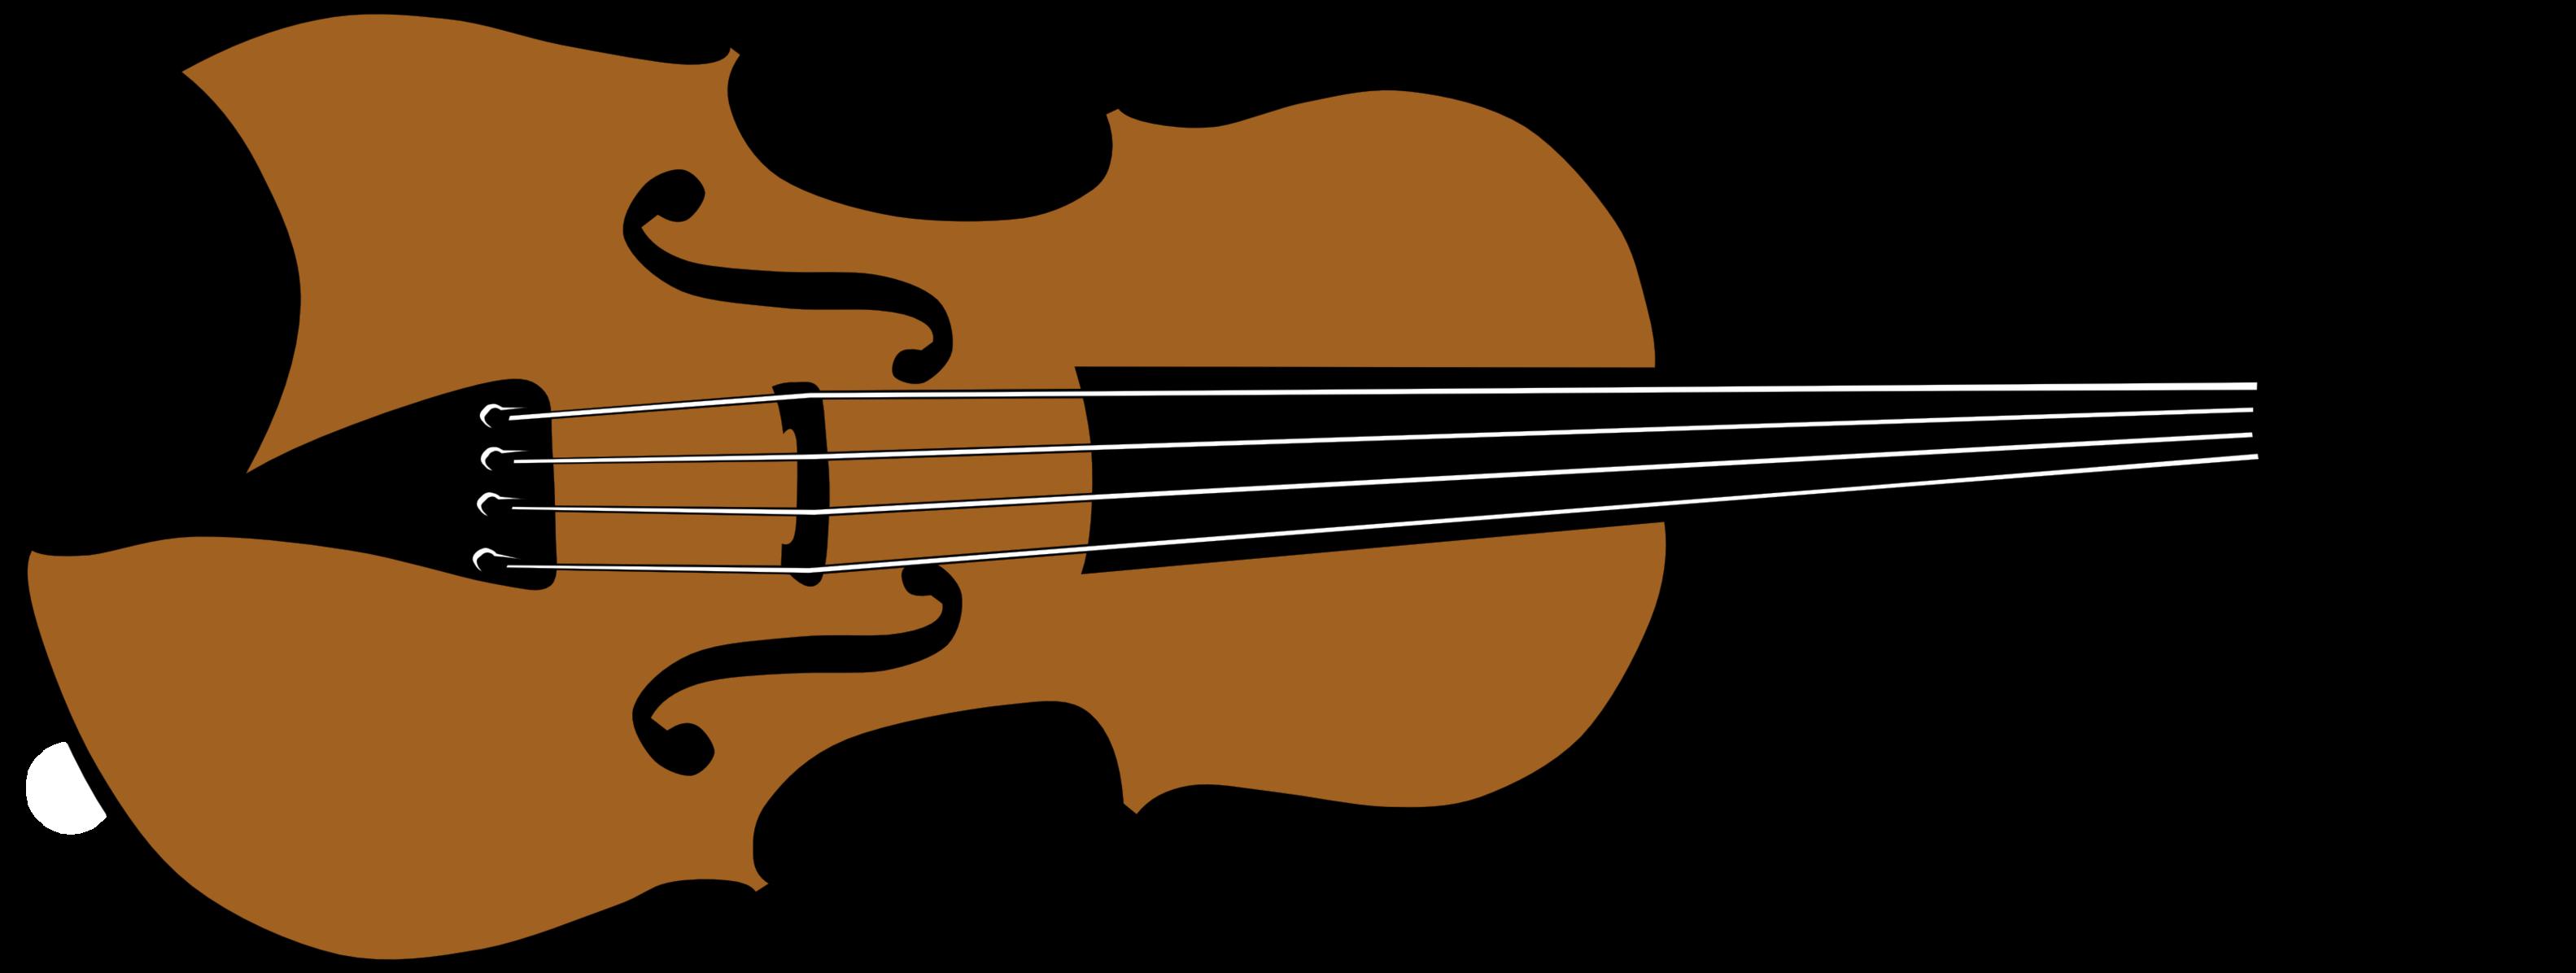 Fiddle Violin Clipart Clip art of Violin Clipart #4976 — Clipartwork.